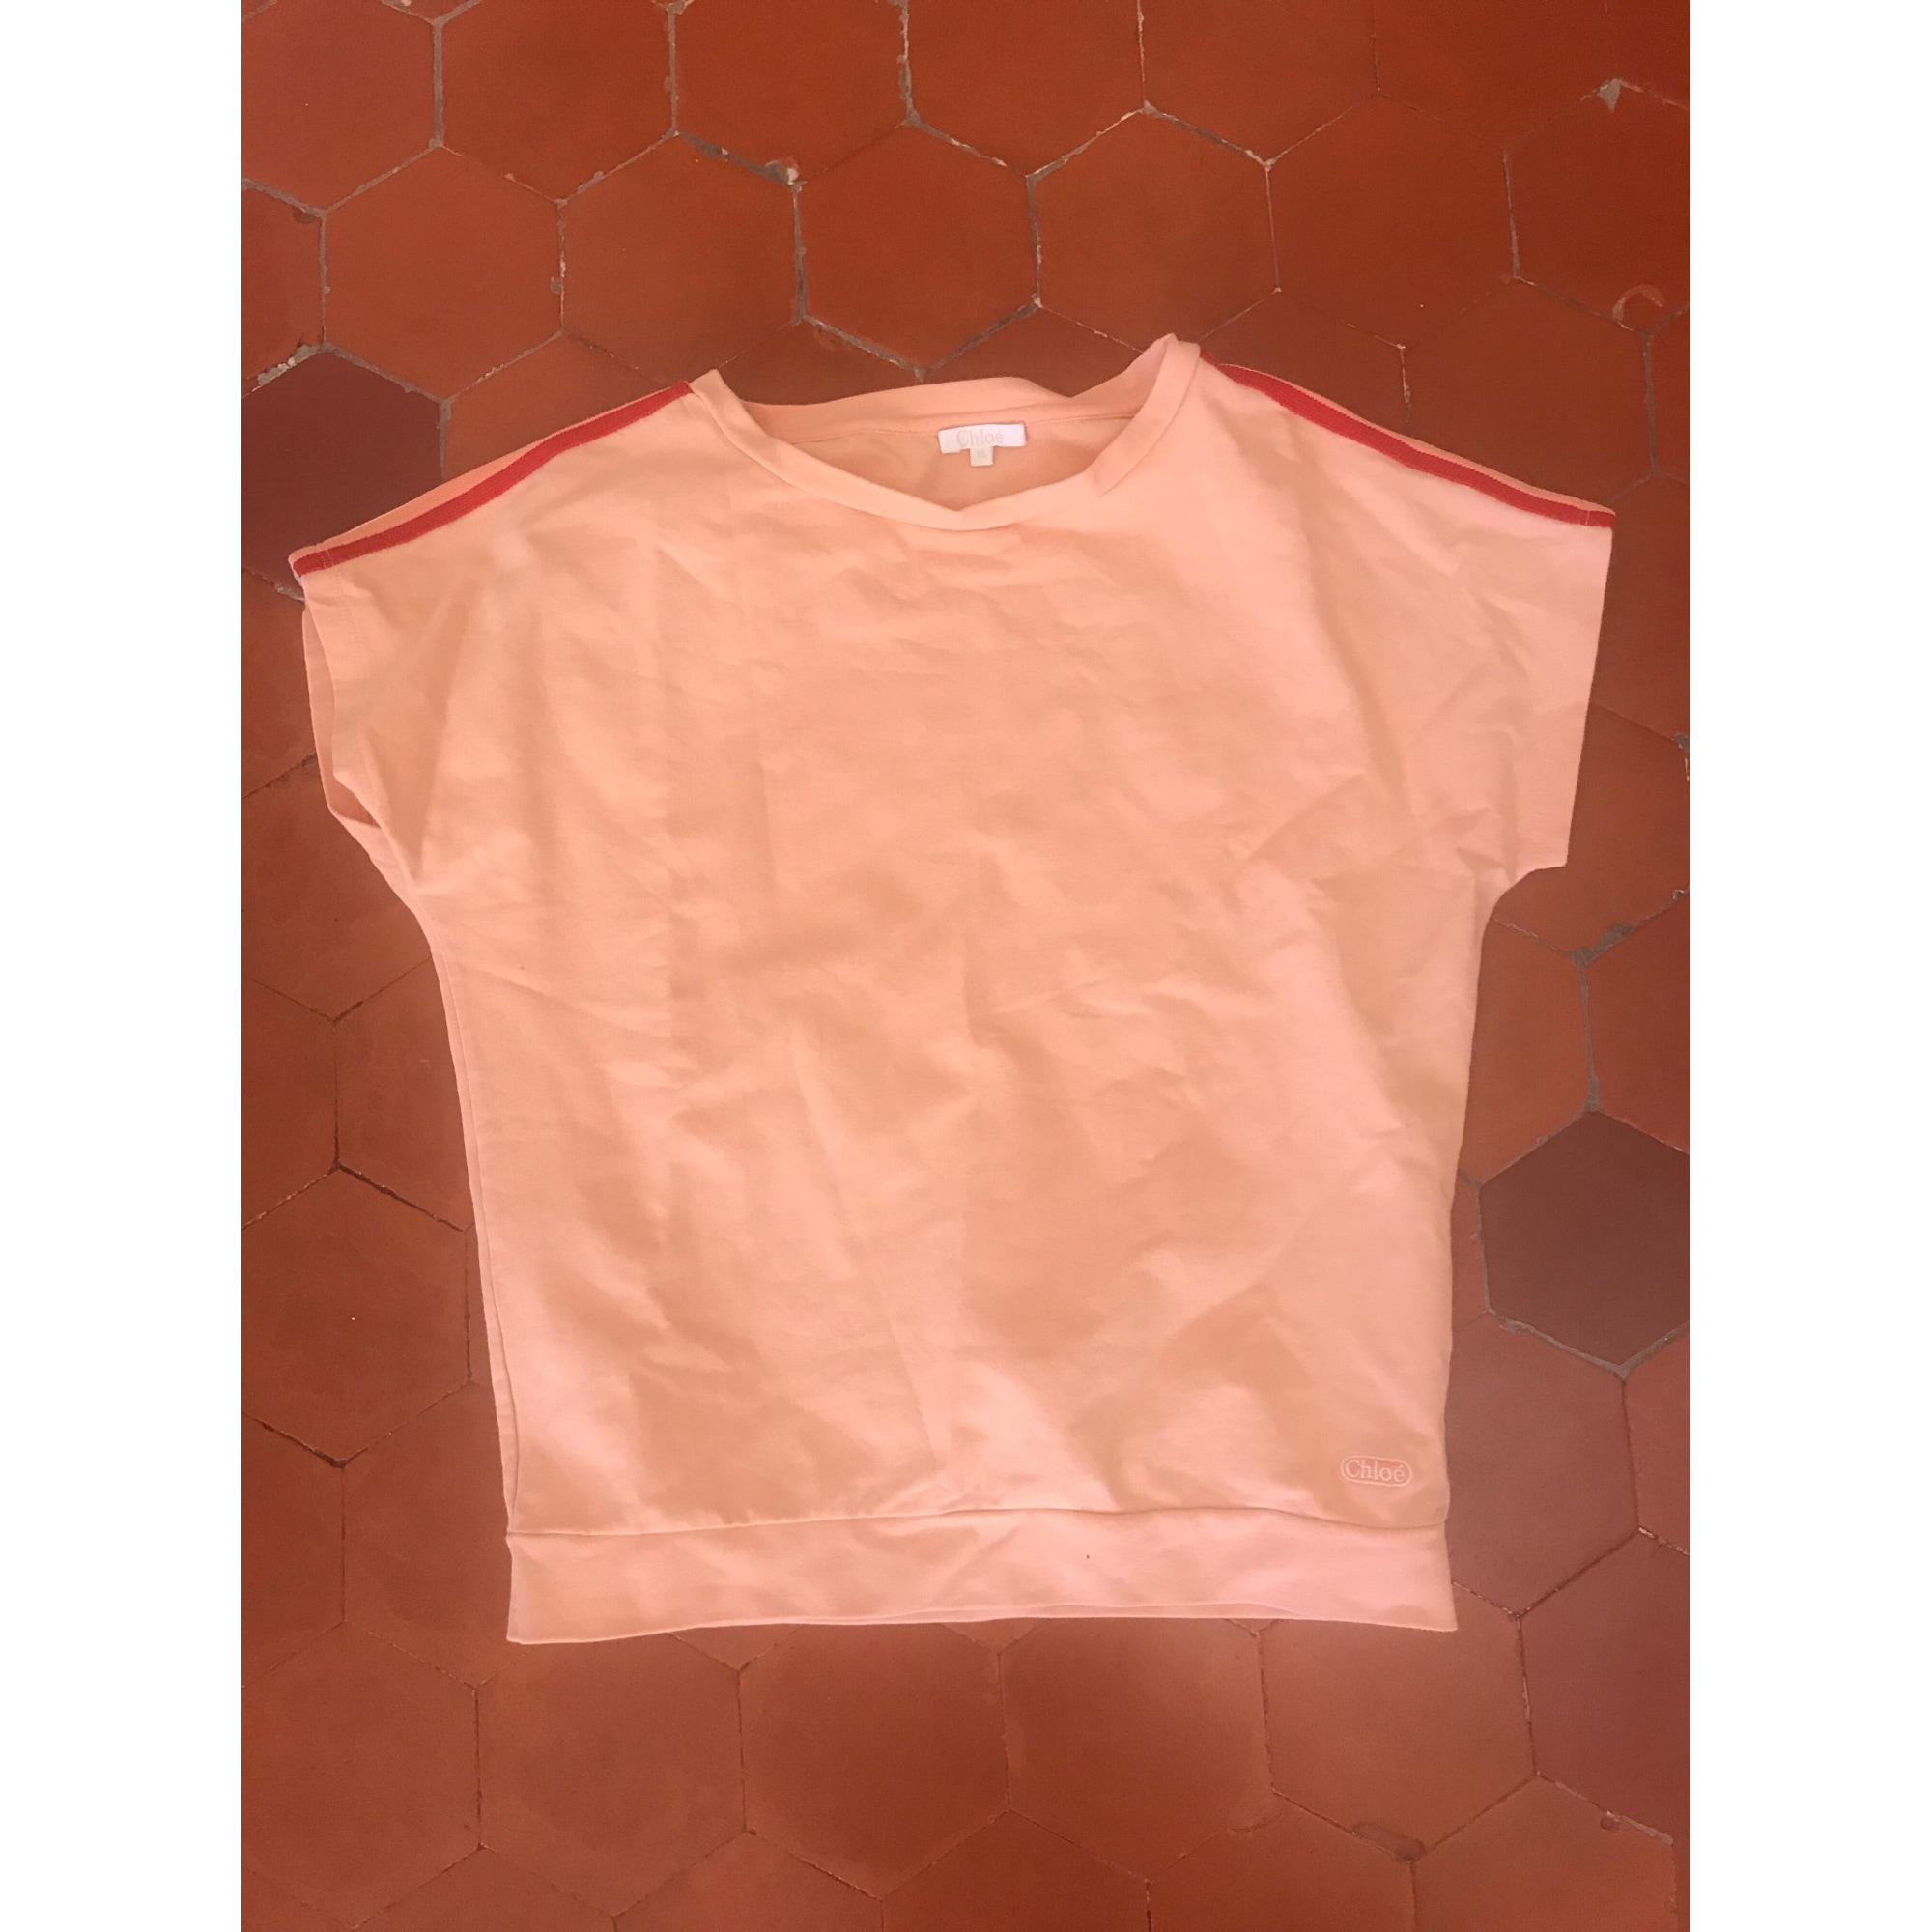 Top, Tee-shirt CHLOÉ coton orange 13-14 ans